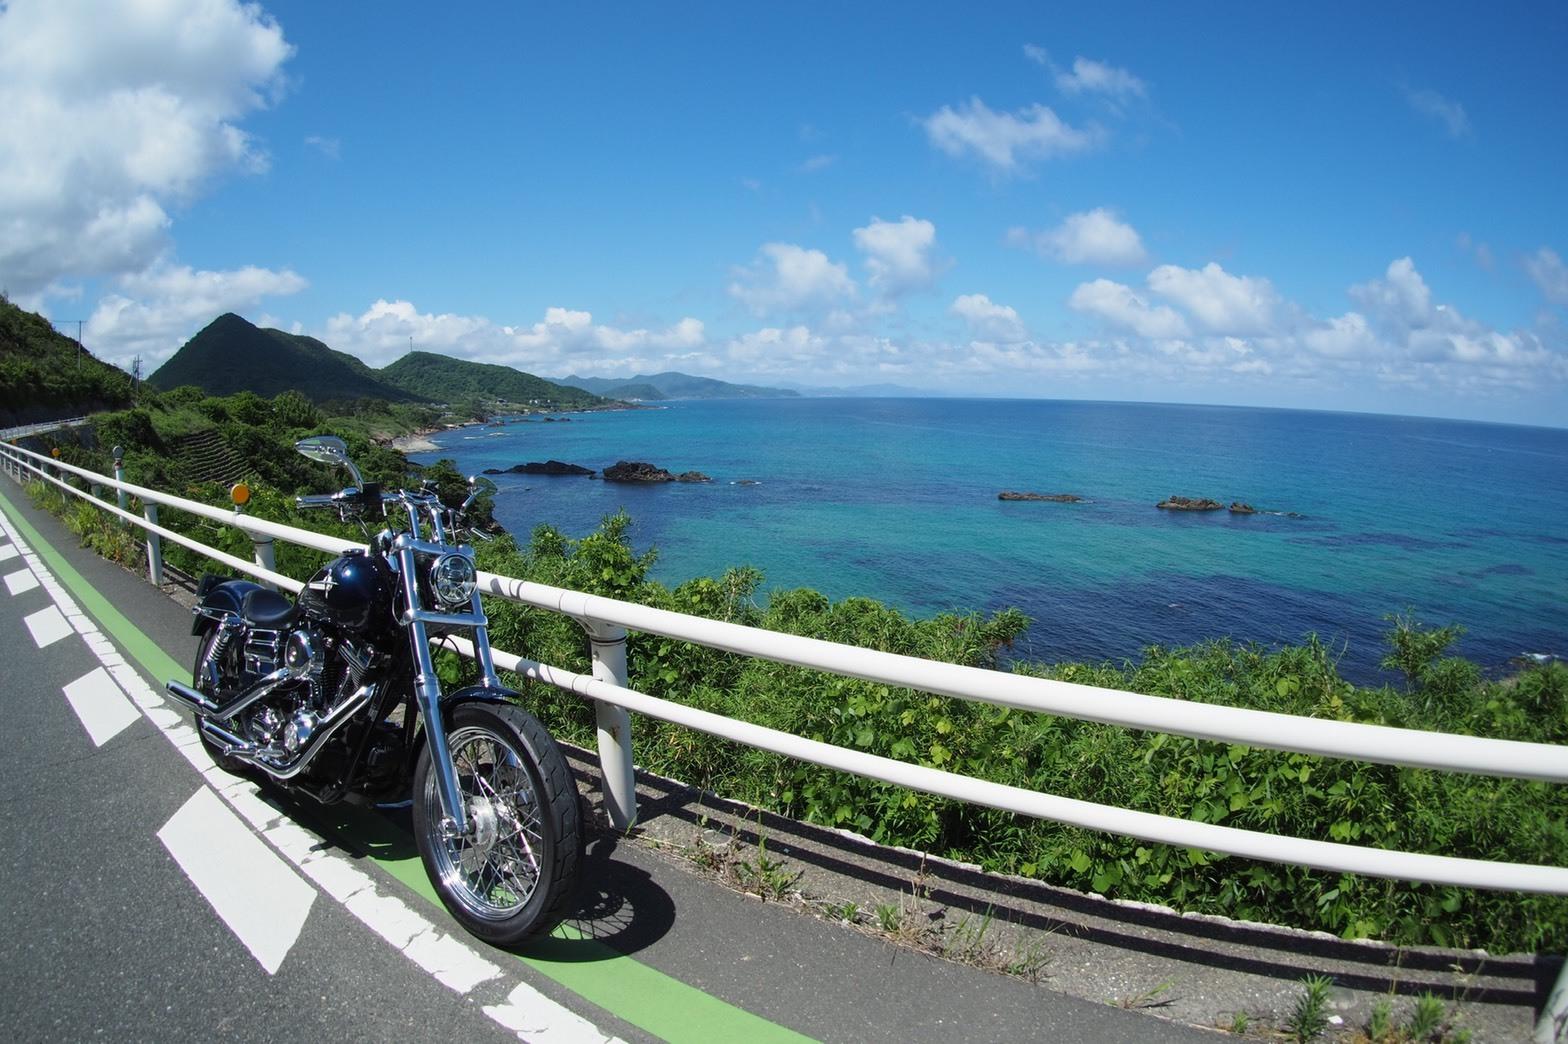 ぴーきち&ダイナ ハーレーブログ 京都丹後半島ツーリンング 海岸線